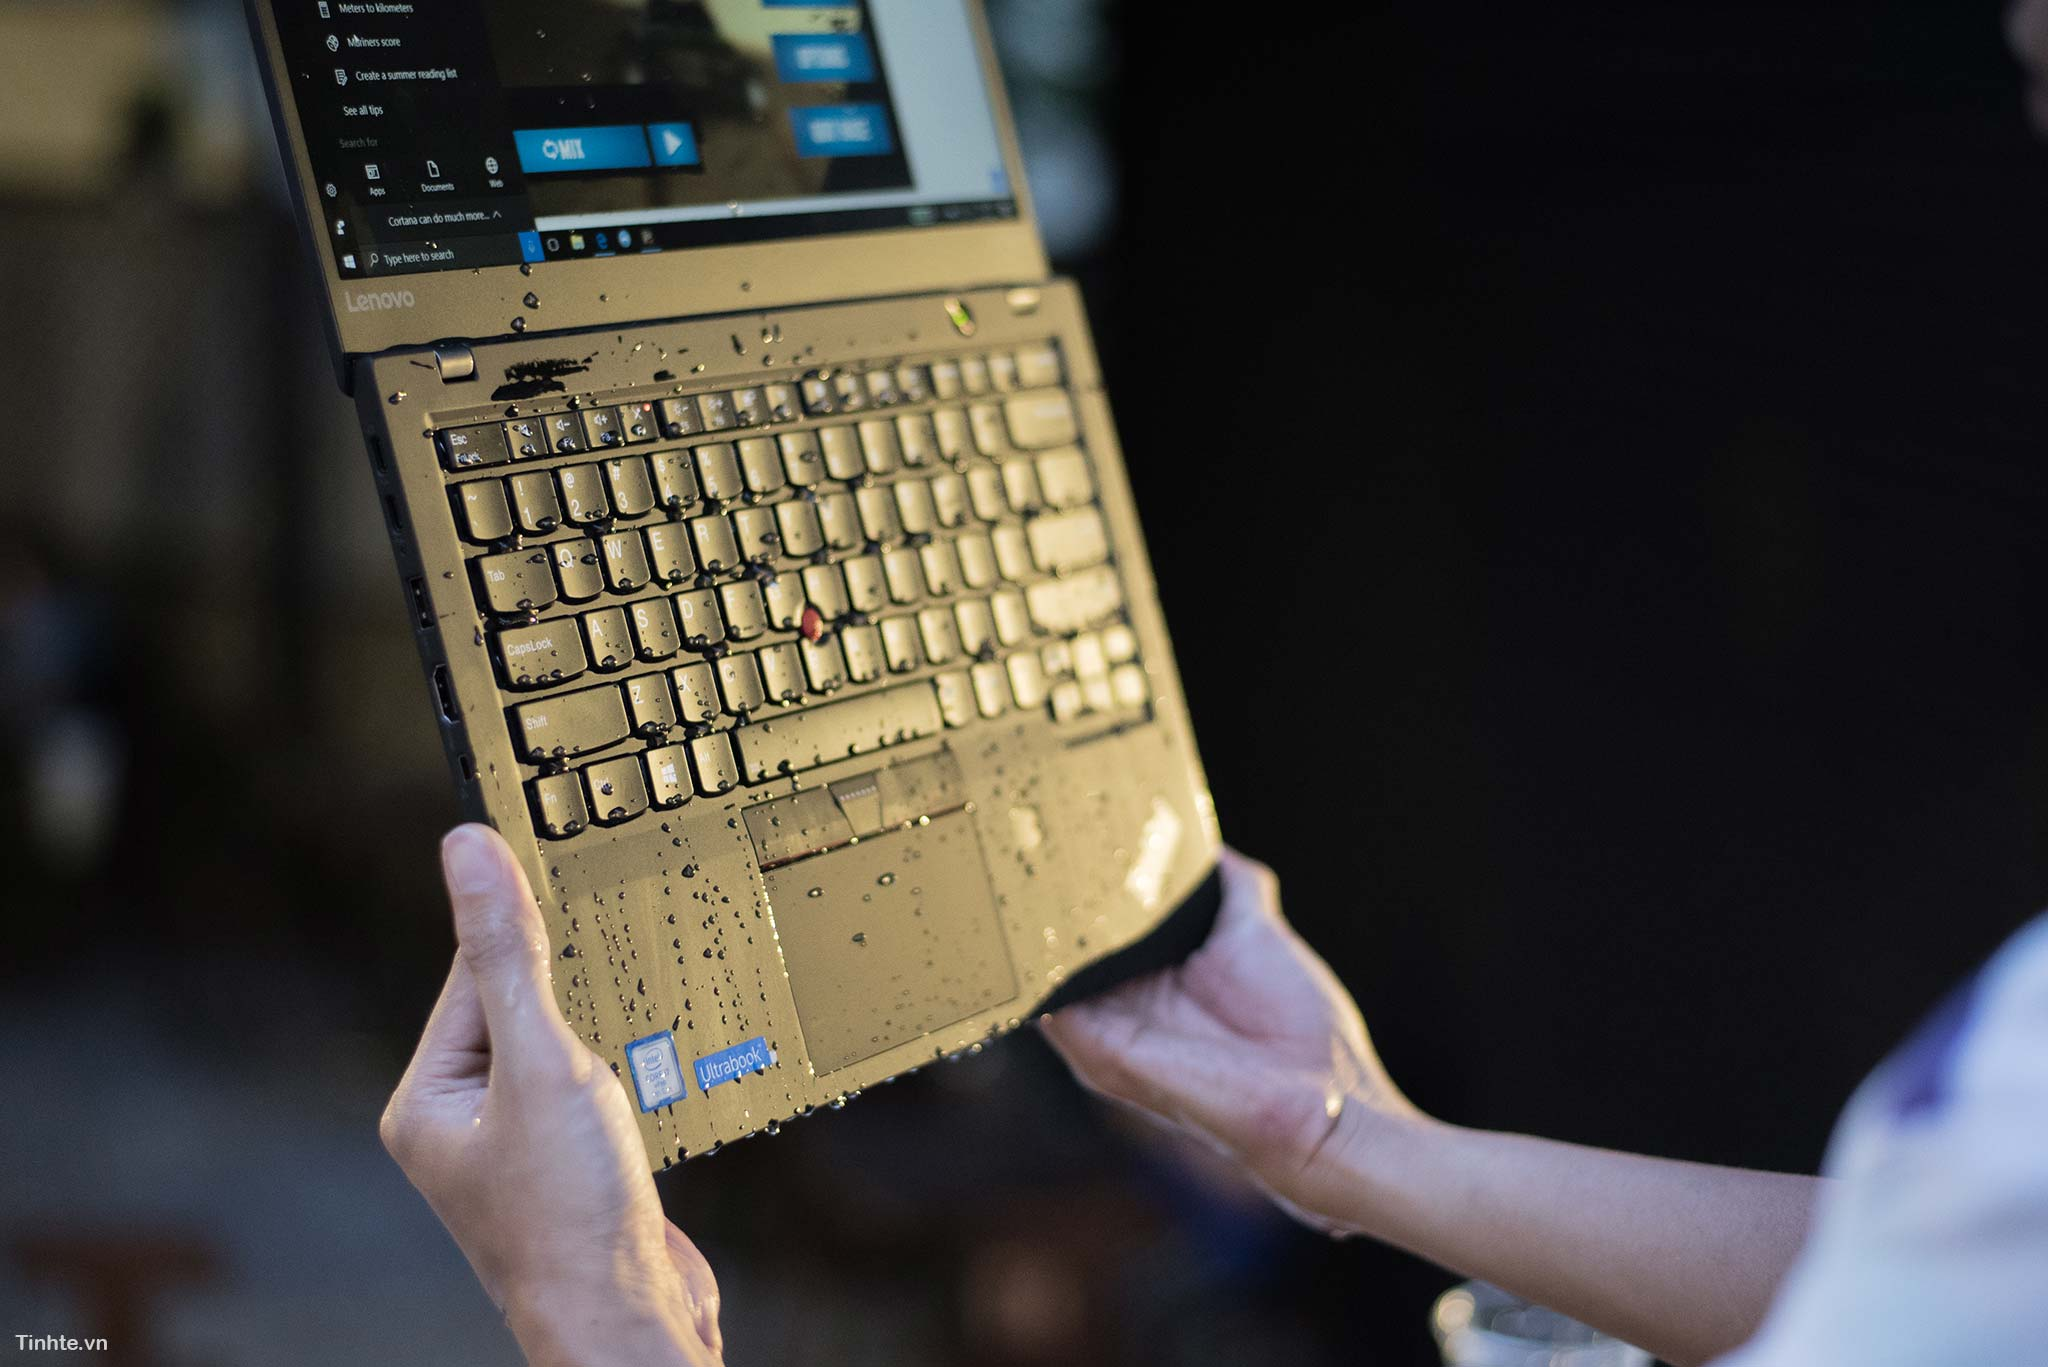 ThinkPad X1 cacbon - laptop cao cấp cho doanh nhân 40653413